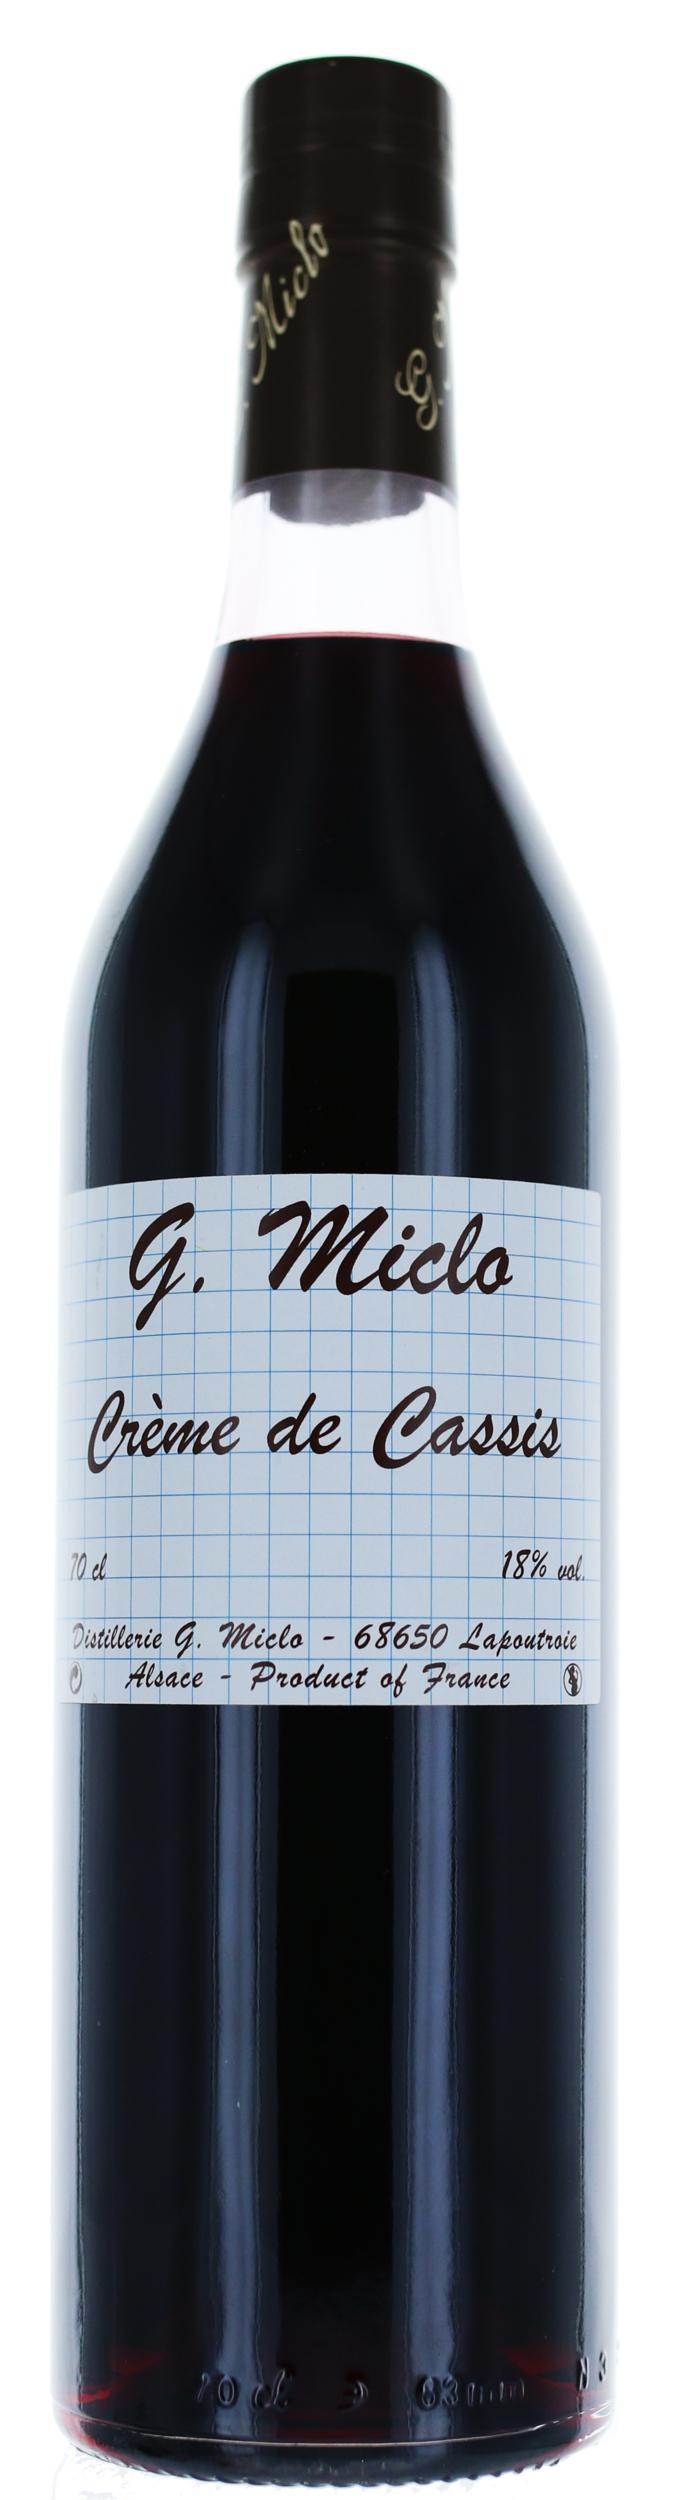 CREME DE CASSIS - 16° - G. Miclo